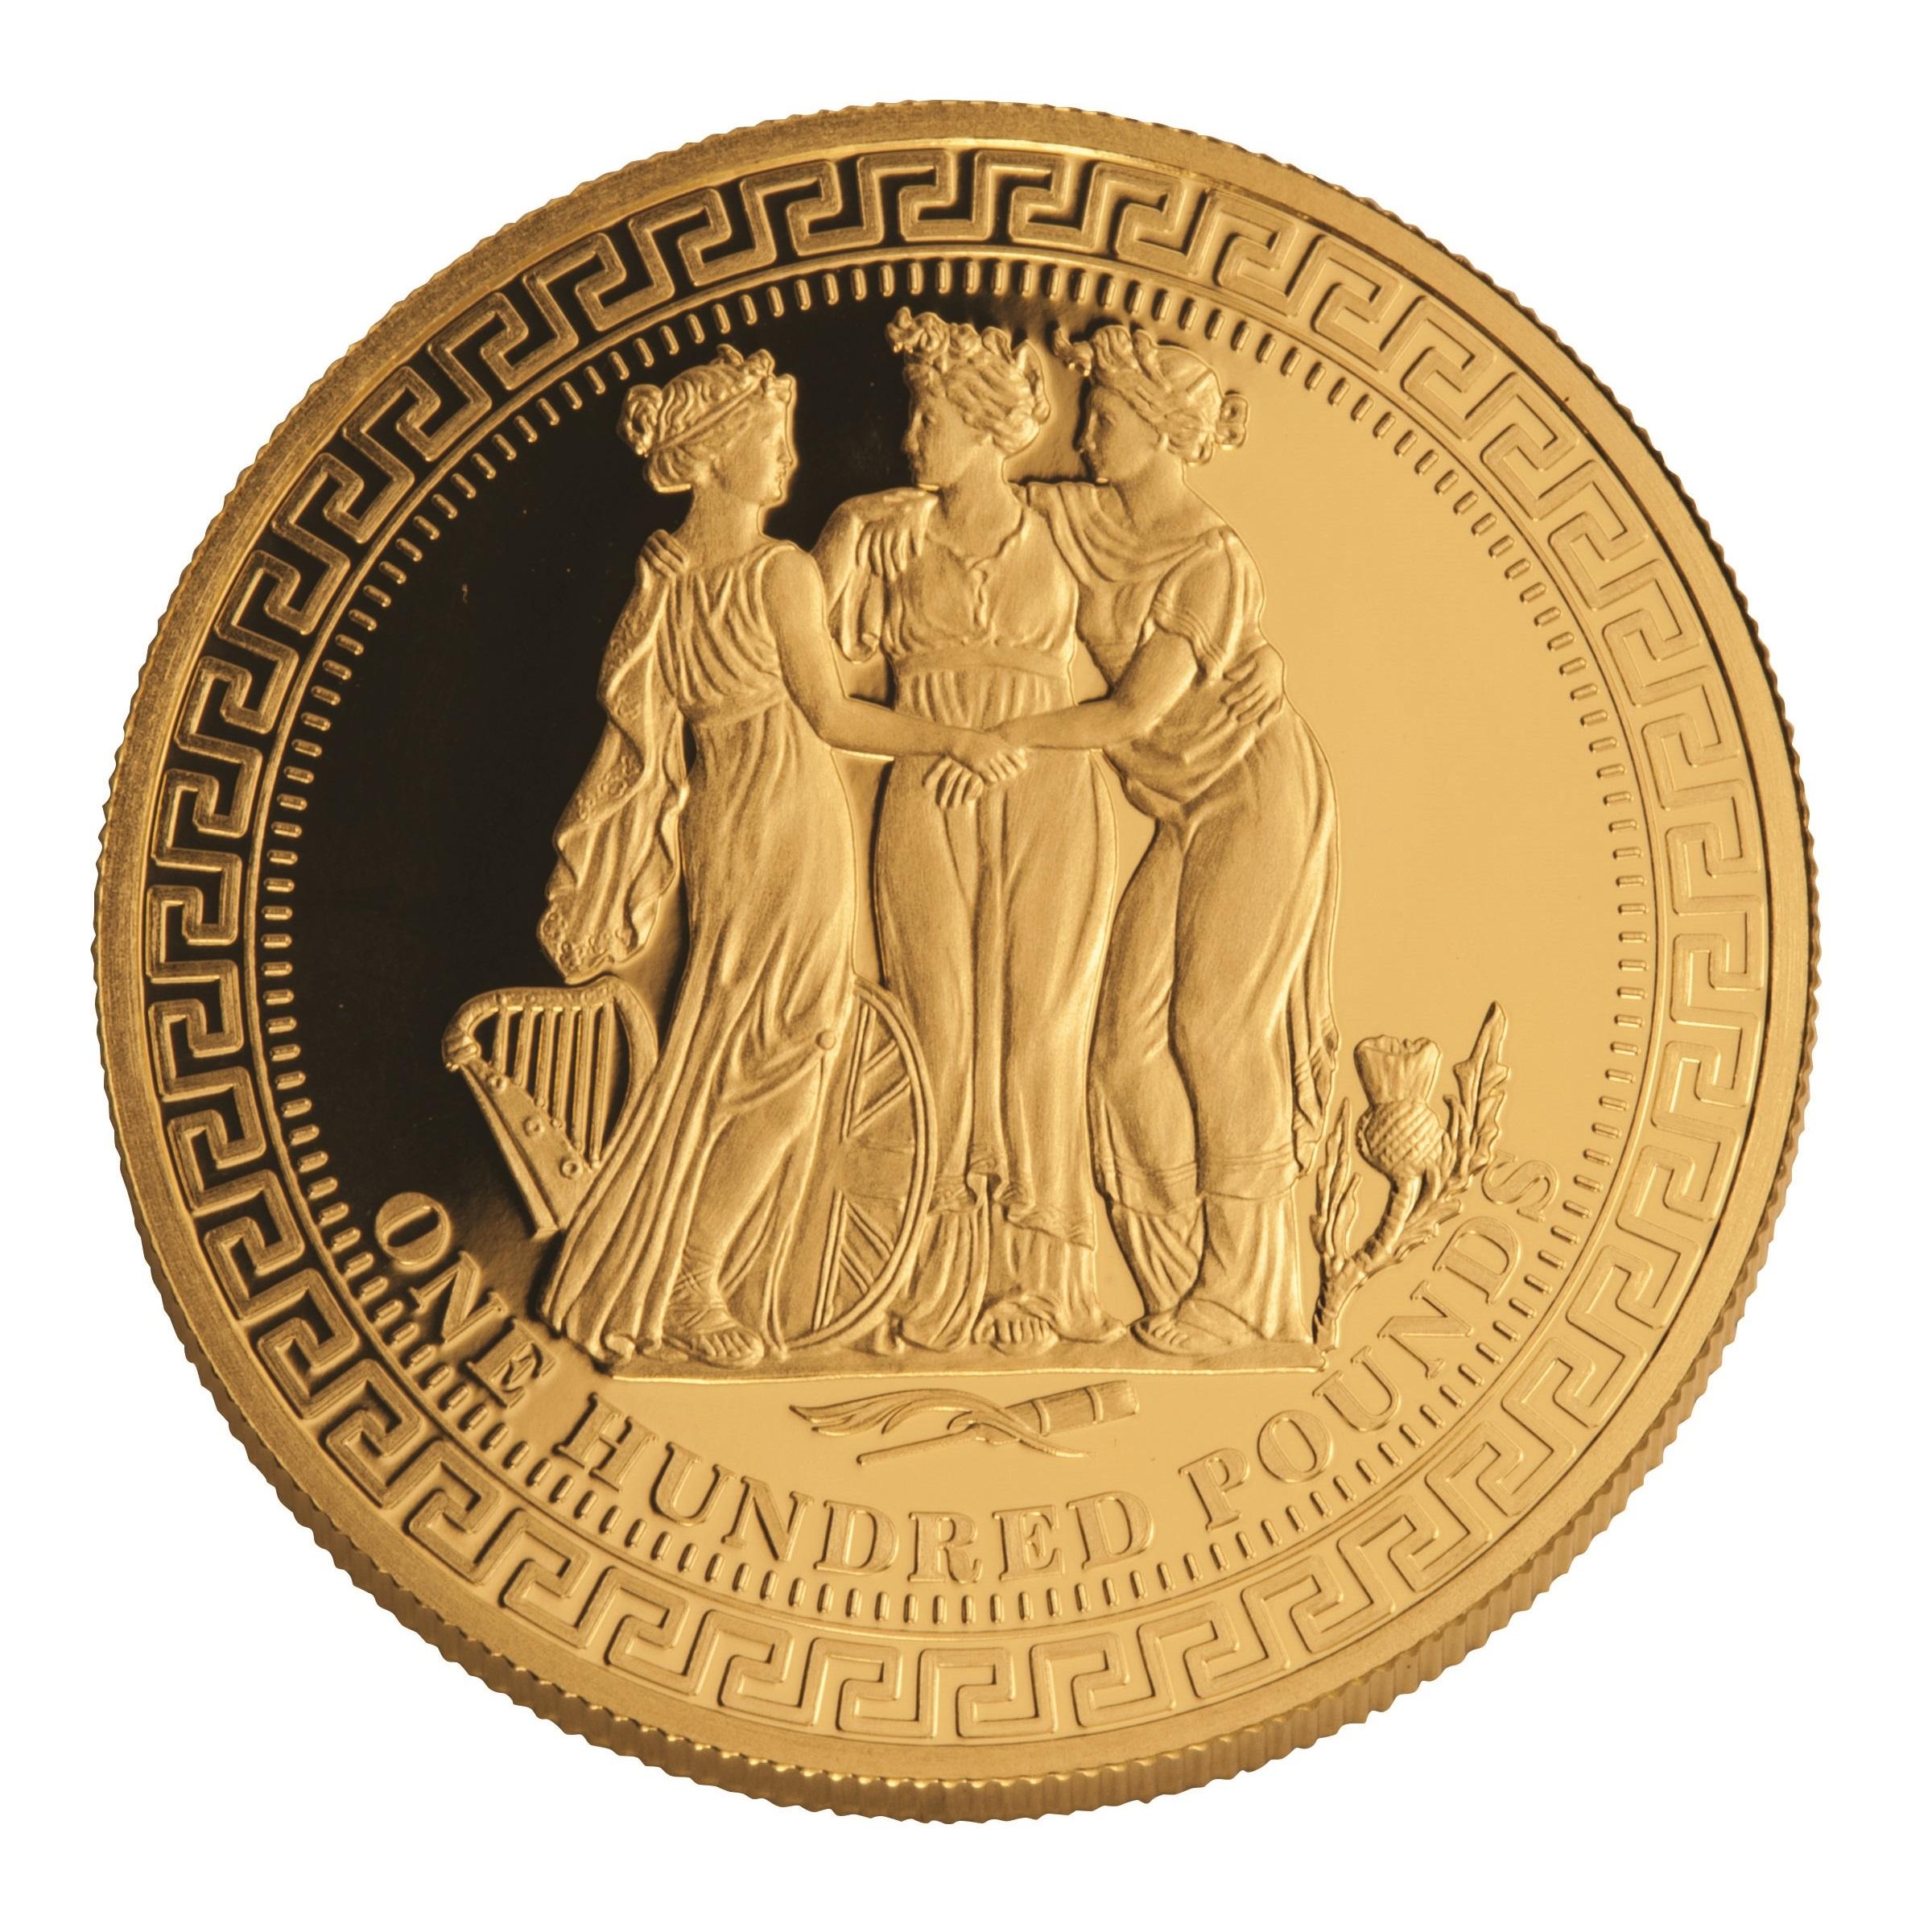 1 Unze Goldmünze Die drei Grazien 2015